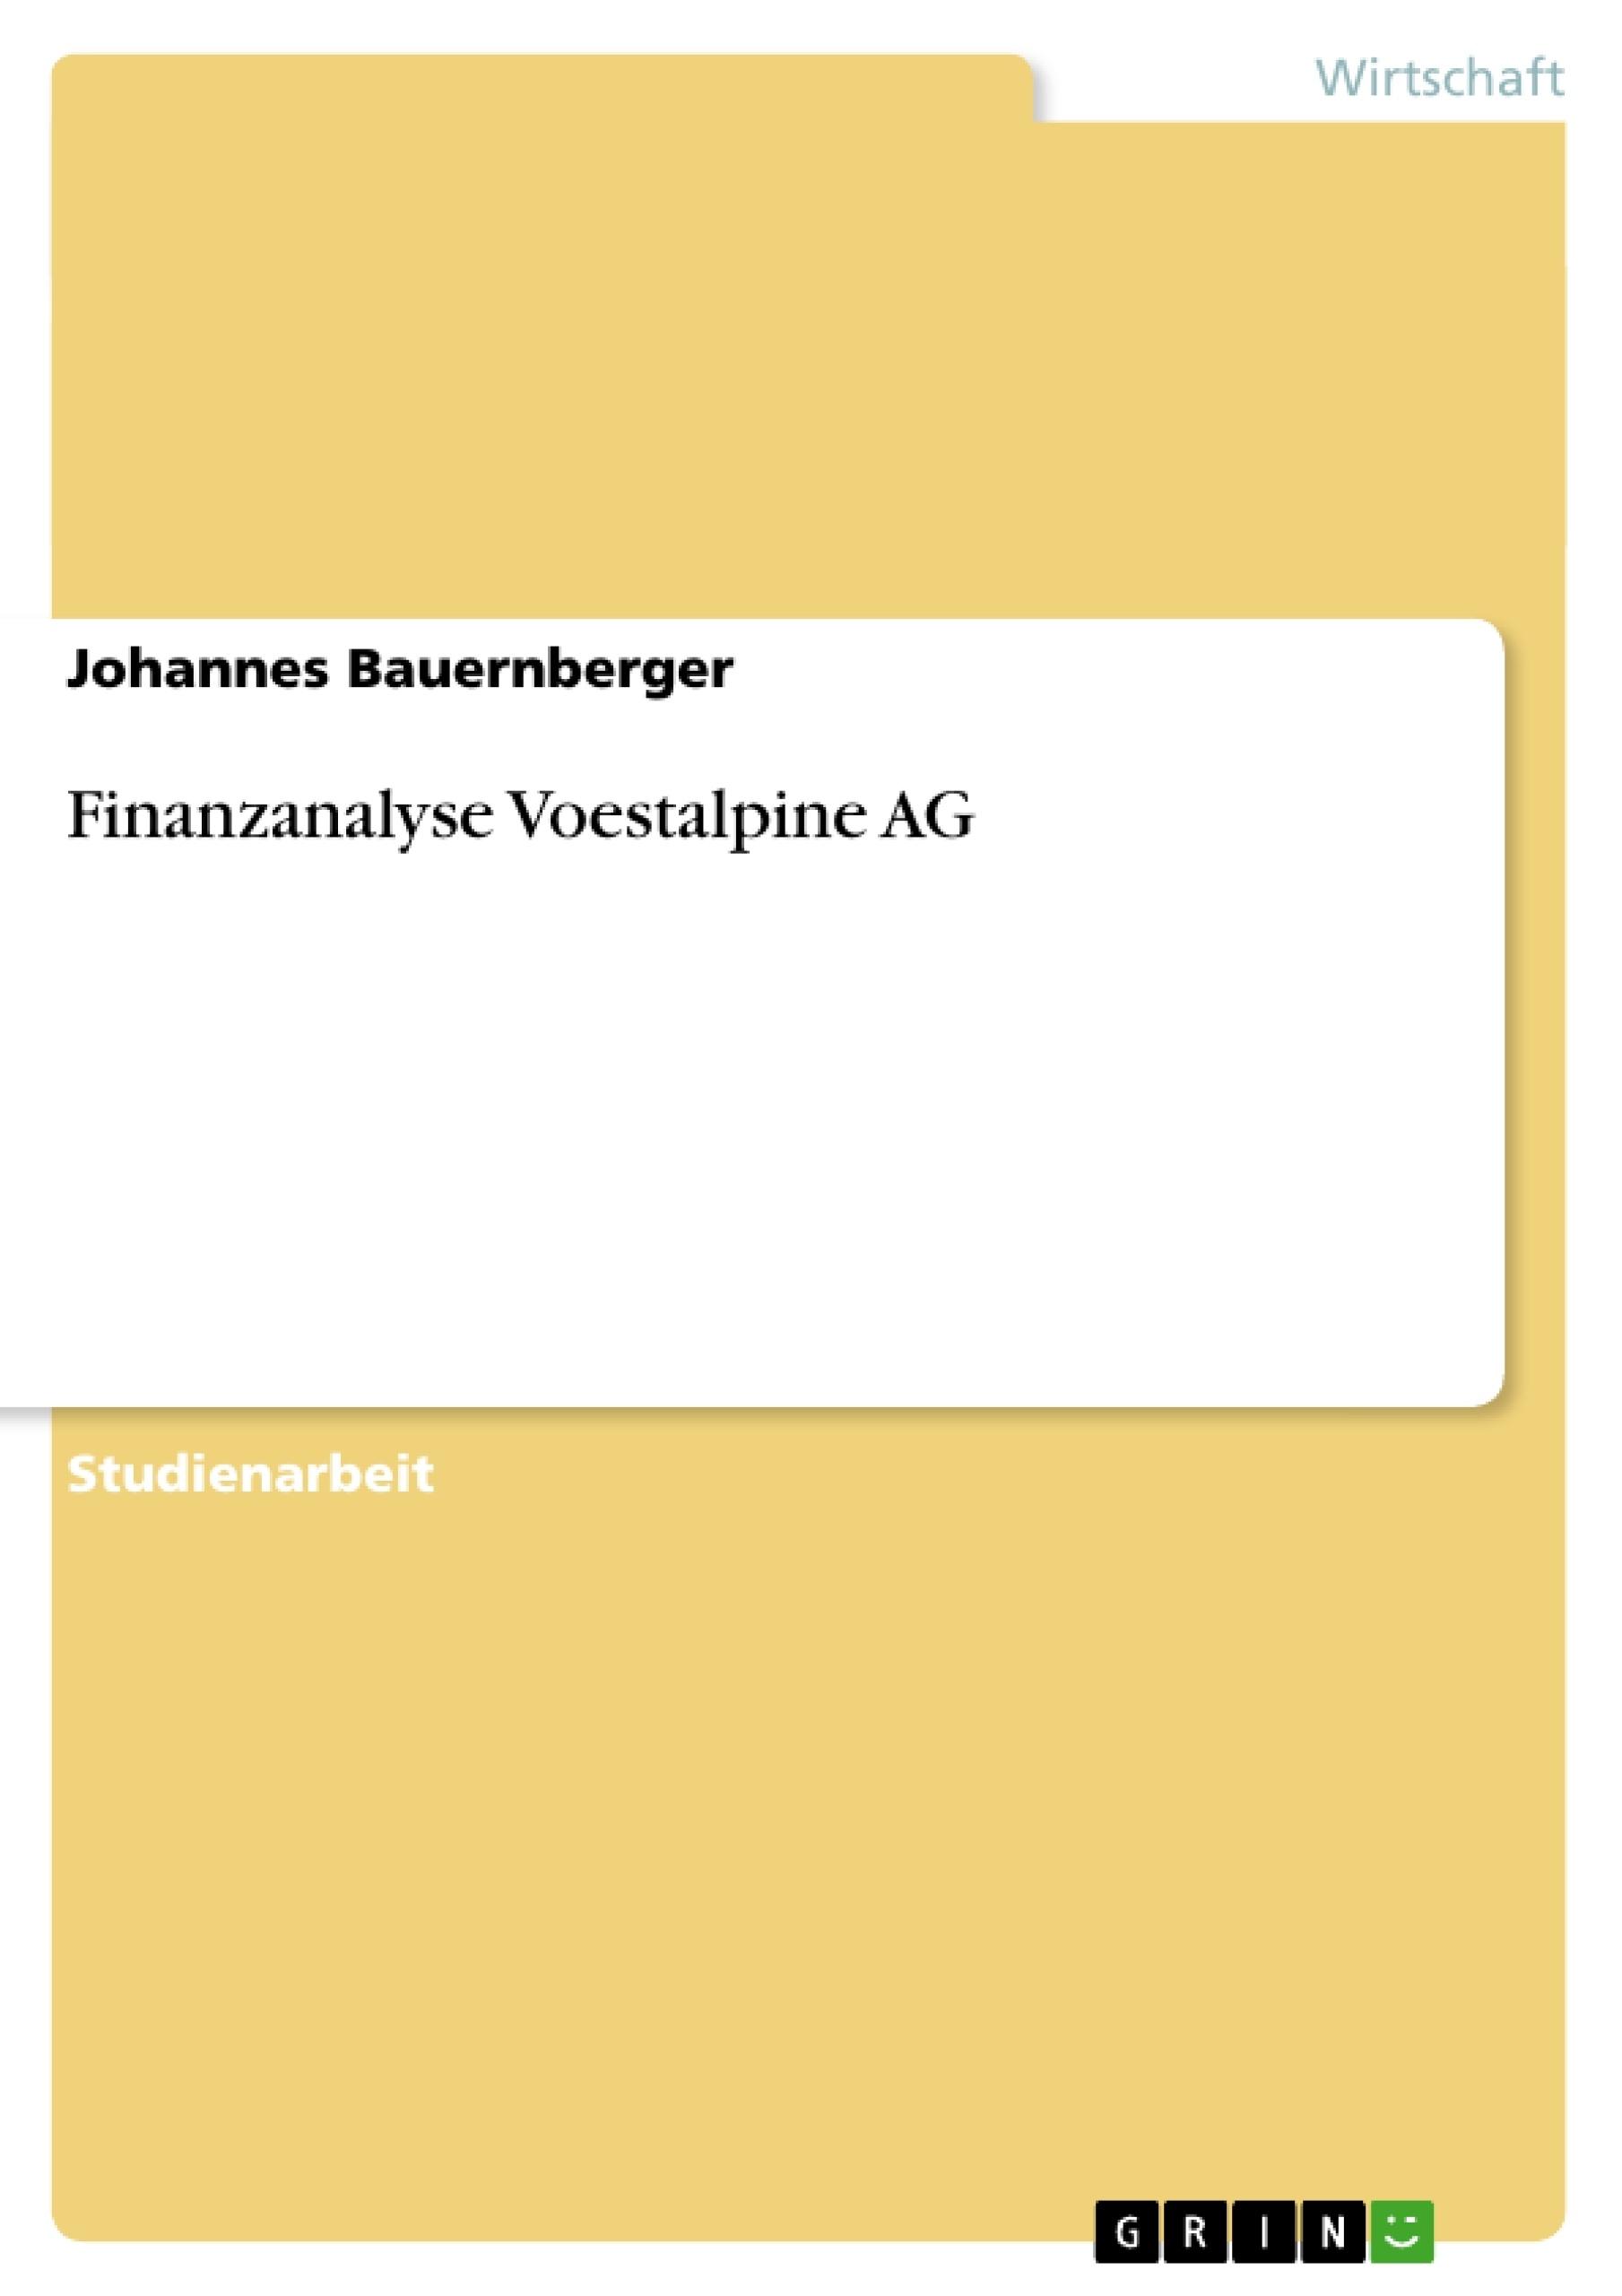 Titel: Finanzanalyse Voestalpine AG